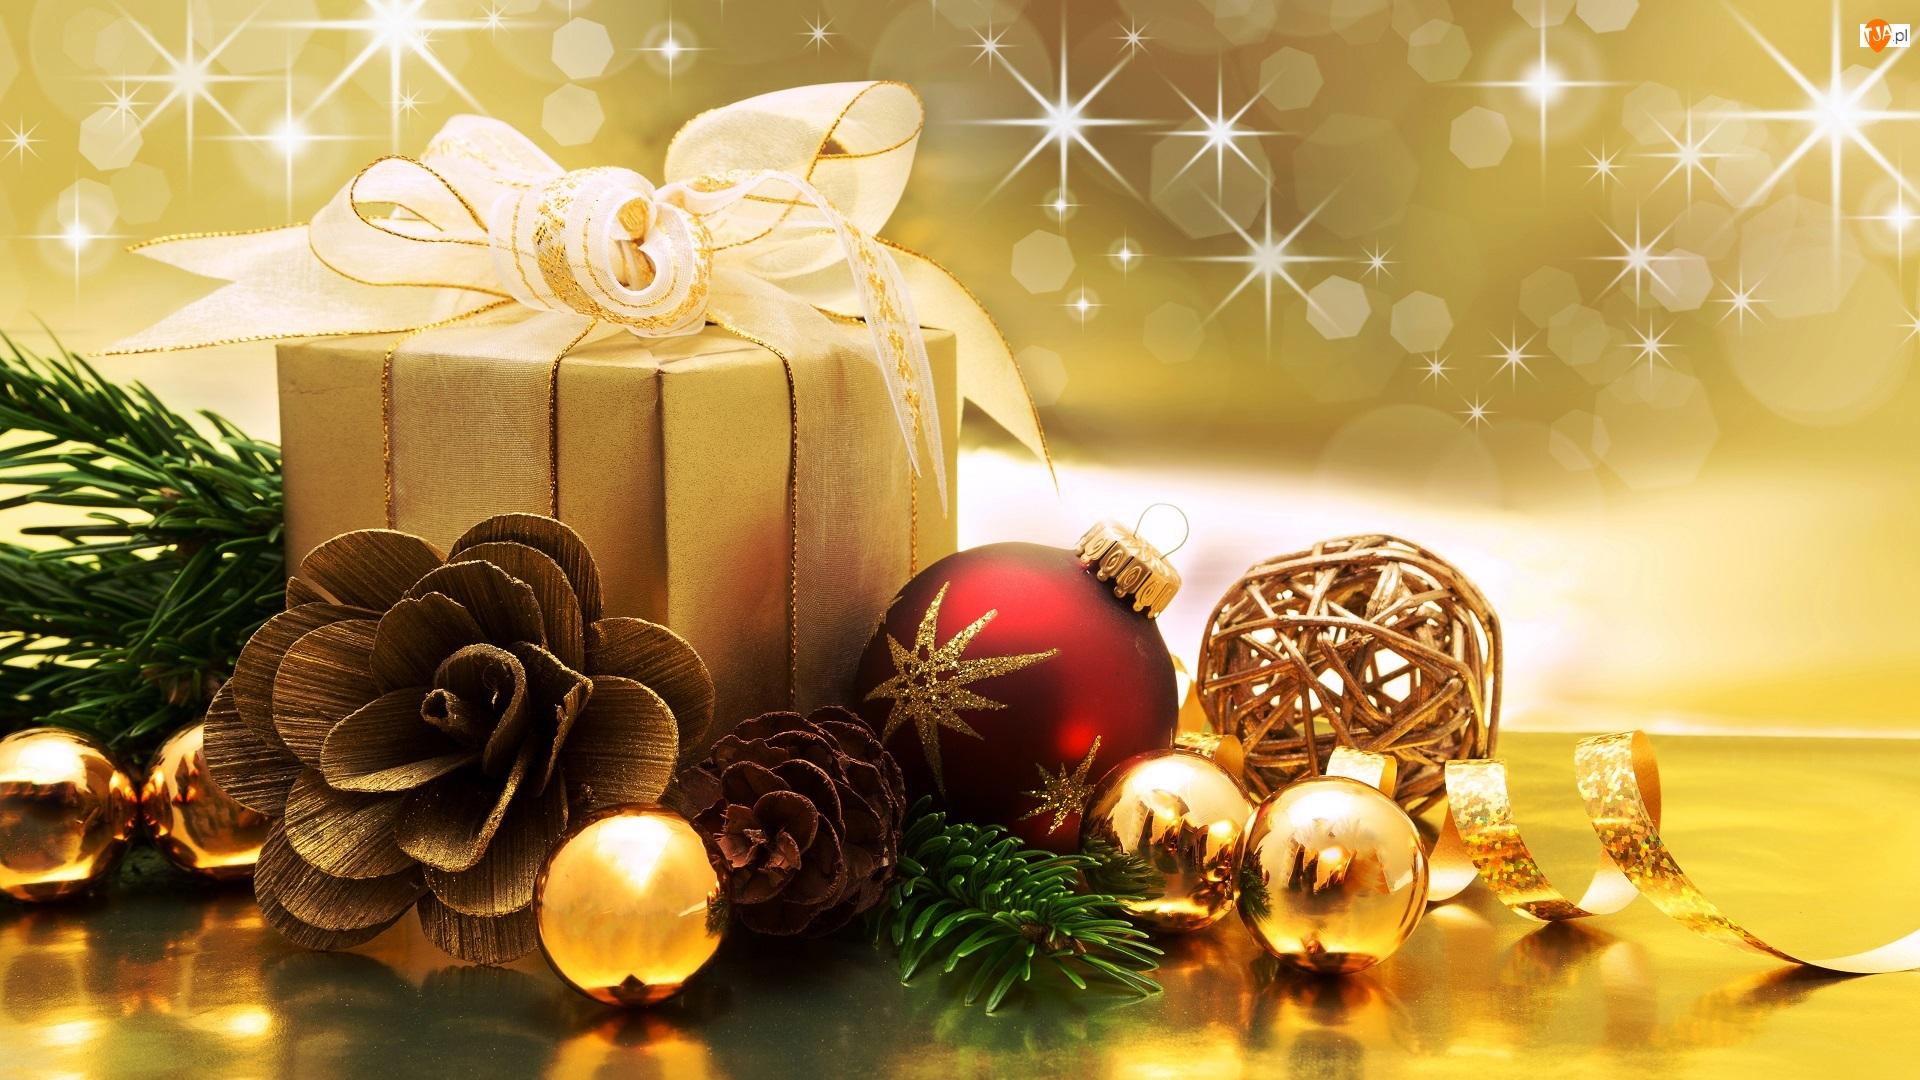 Szyszki, Prezent, Świąteczna, Kompozycja, Wstążka, Boże Narodzenie, Bombki